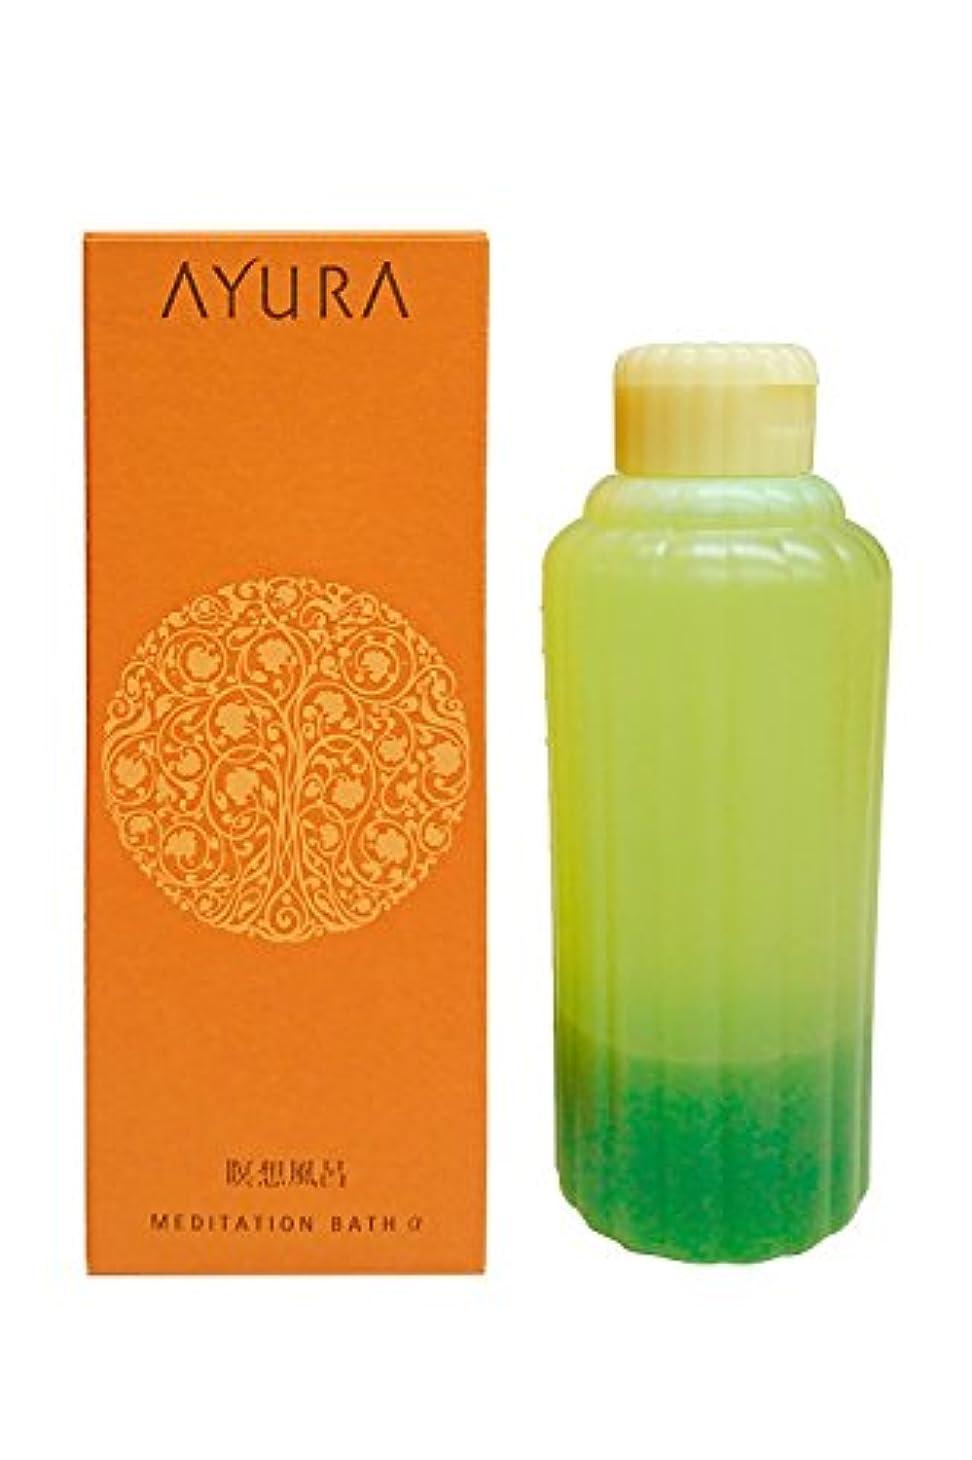 ホーム去る撤回するアユーラ (AYURA) メディテーションバスα 300mL 〈浴用 入浴剤〉 アロマティックハーブの香り